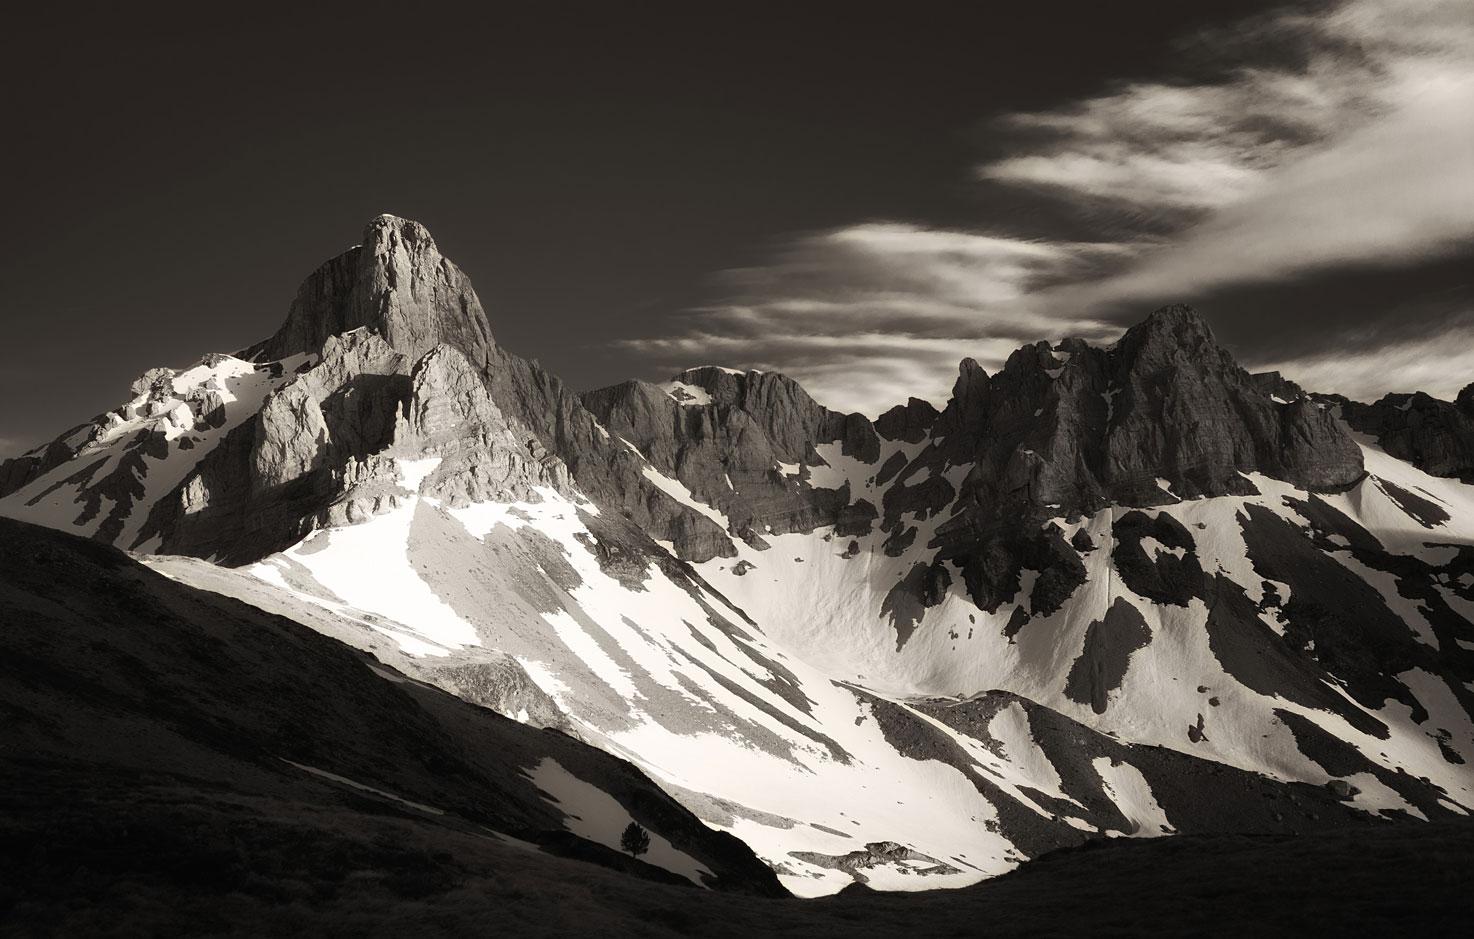 La proa, Mesa de los tres reyes. - Archivo - Iñaki Larrea, Fotografía de naturaleza y montaña